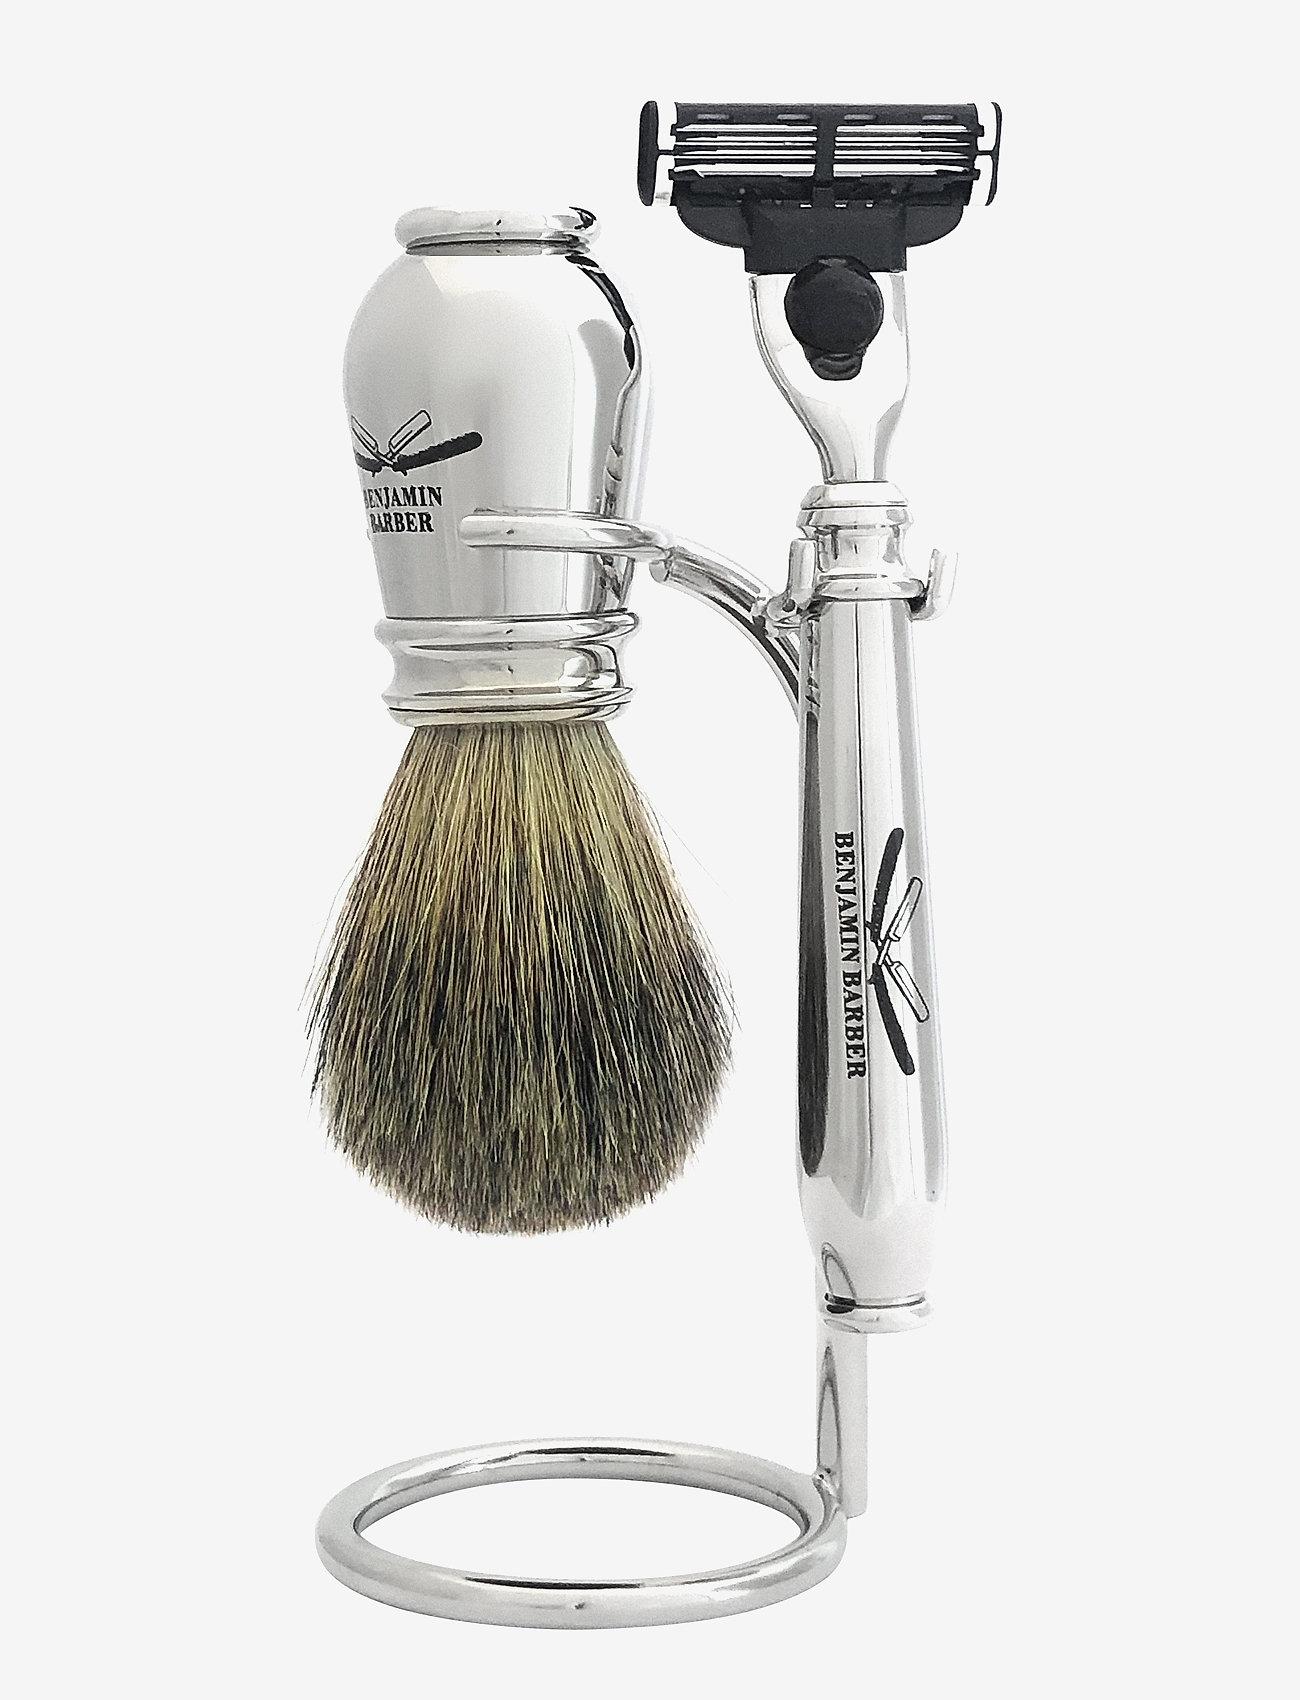 Benjamin Barber - Benjamin Barber Nobel 3-piece shavingset - parranajo - chrome